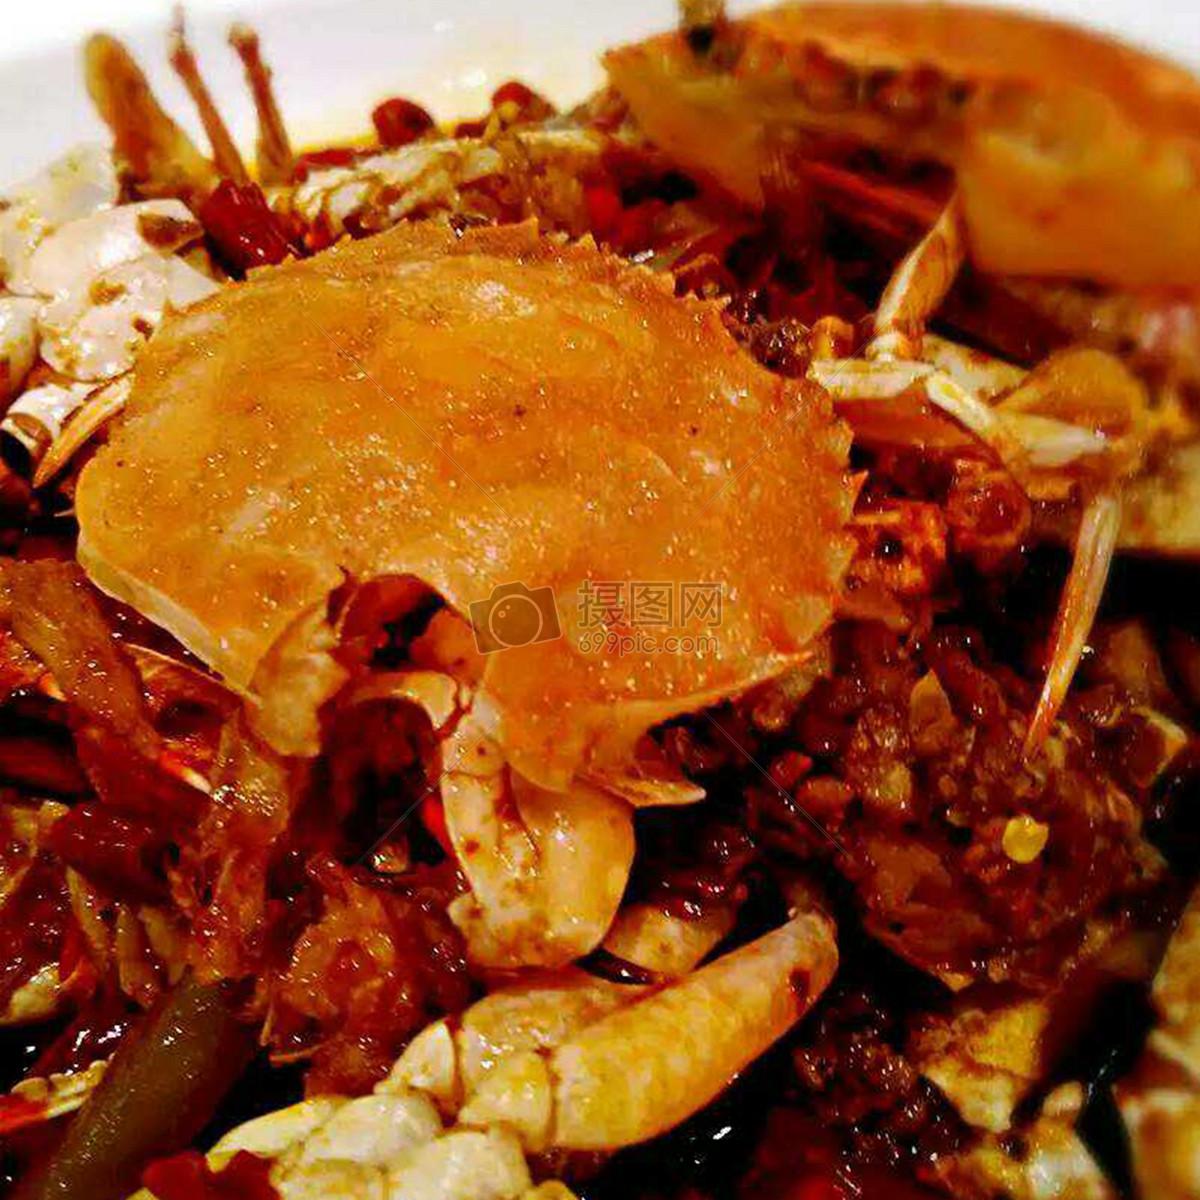 标签: 食物香辣螃蟹爆炒烹饪海鲜螃蟹图片螃蟹图片免费下载 版权申明